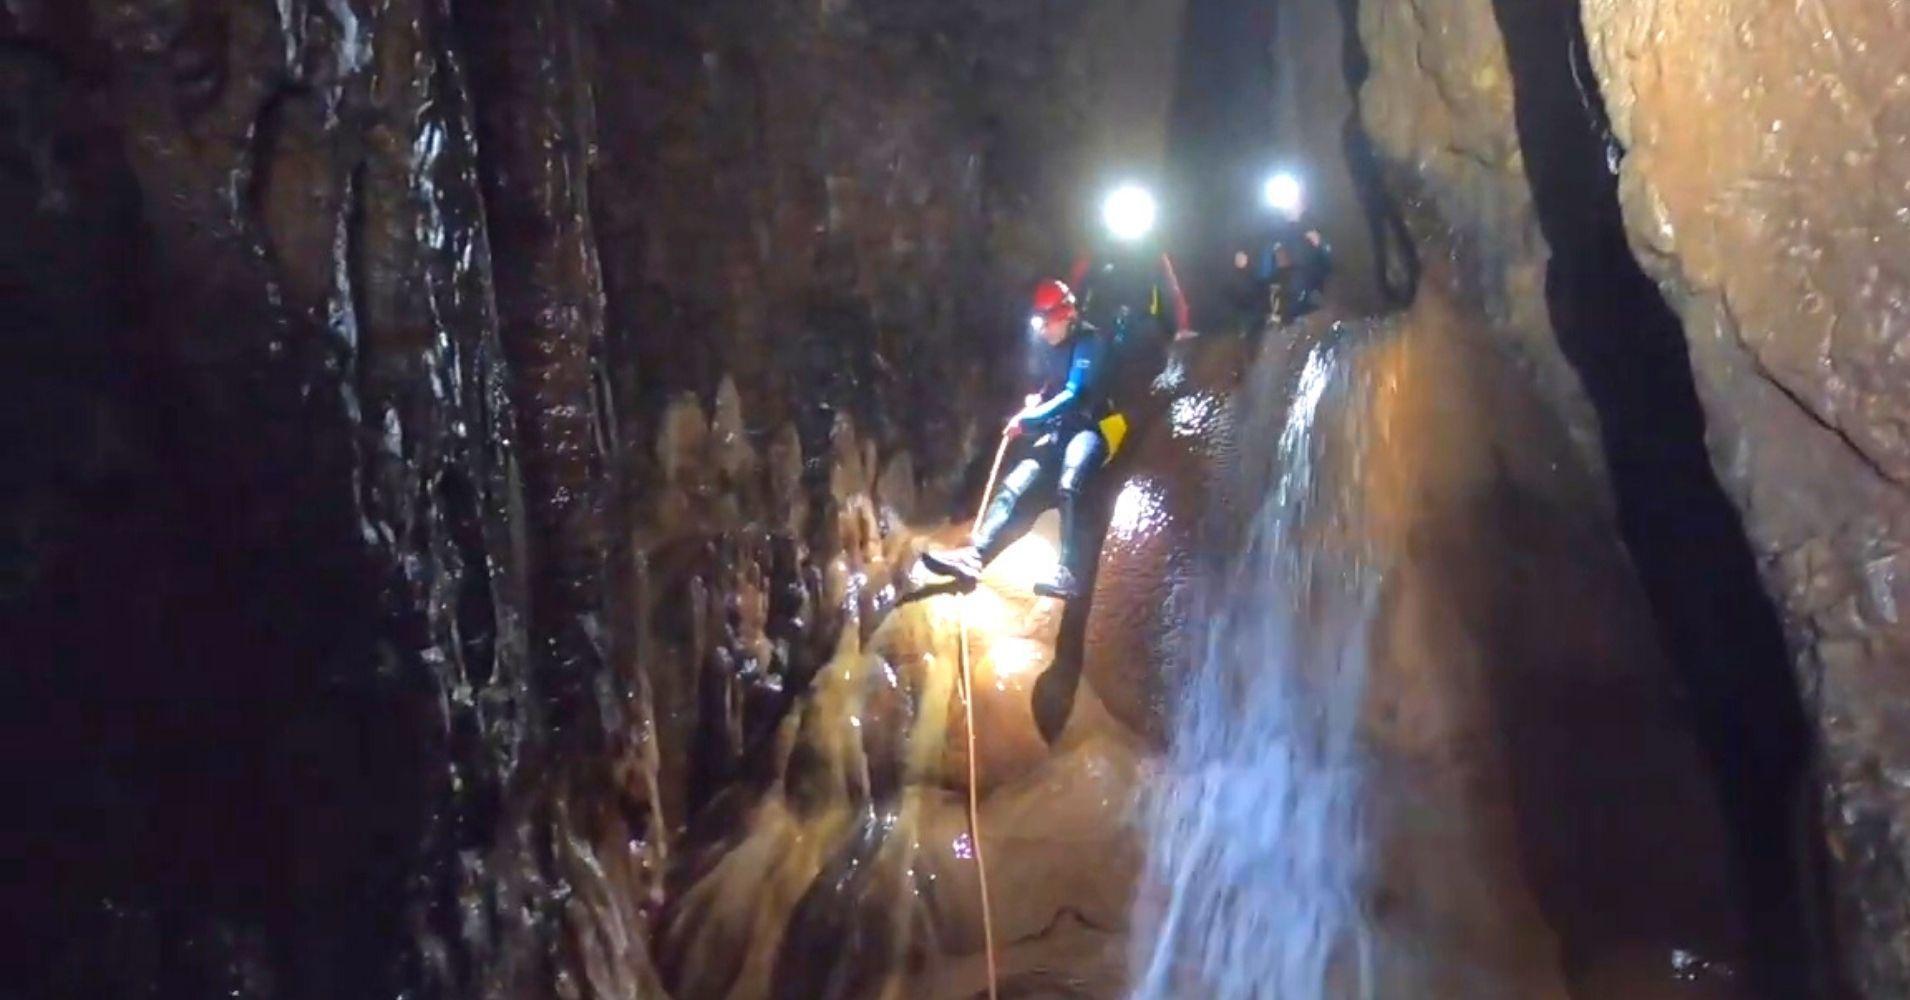 Rapel Espeleobarranquismo Cueva de Valporquero. Vegacervera. León, Castilla y León.